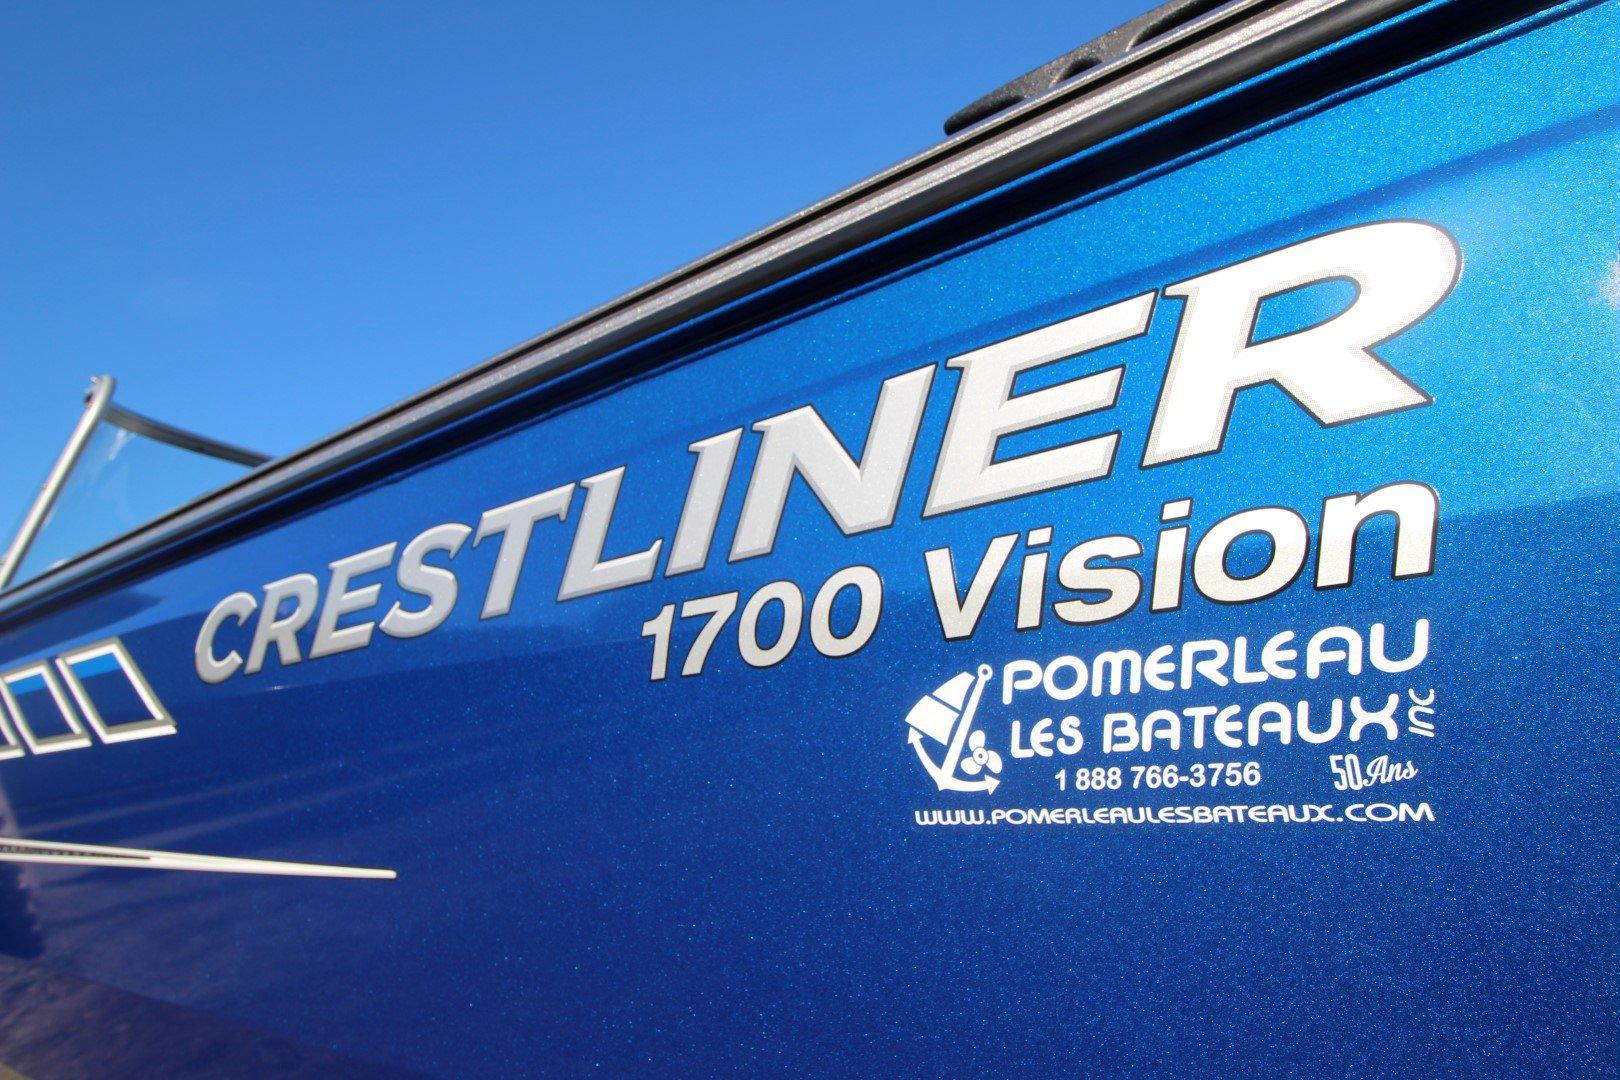 Crestliner Vision 1700 - IMG_2453